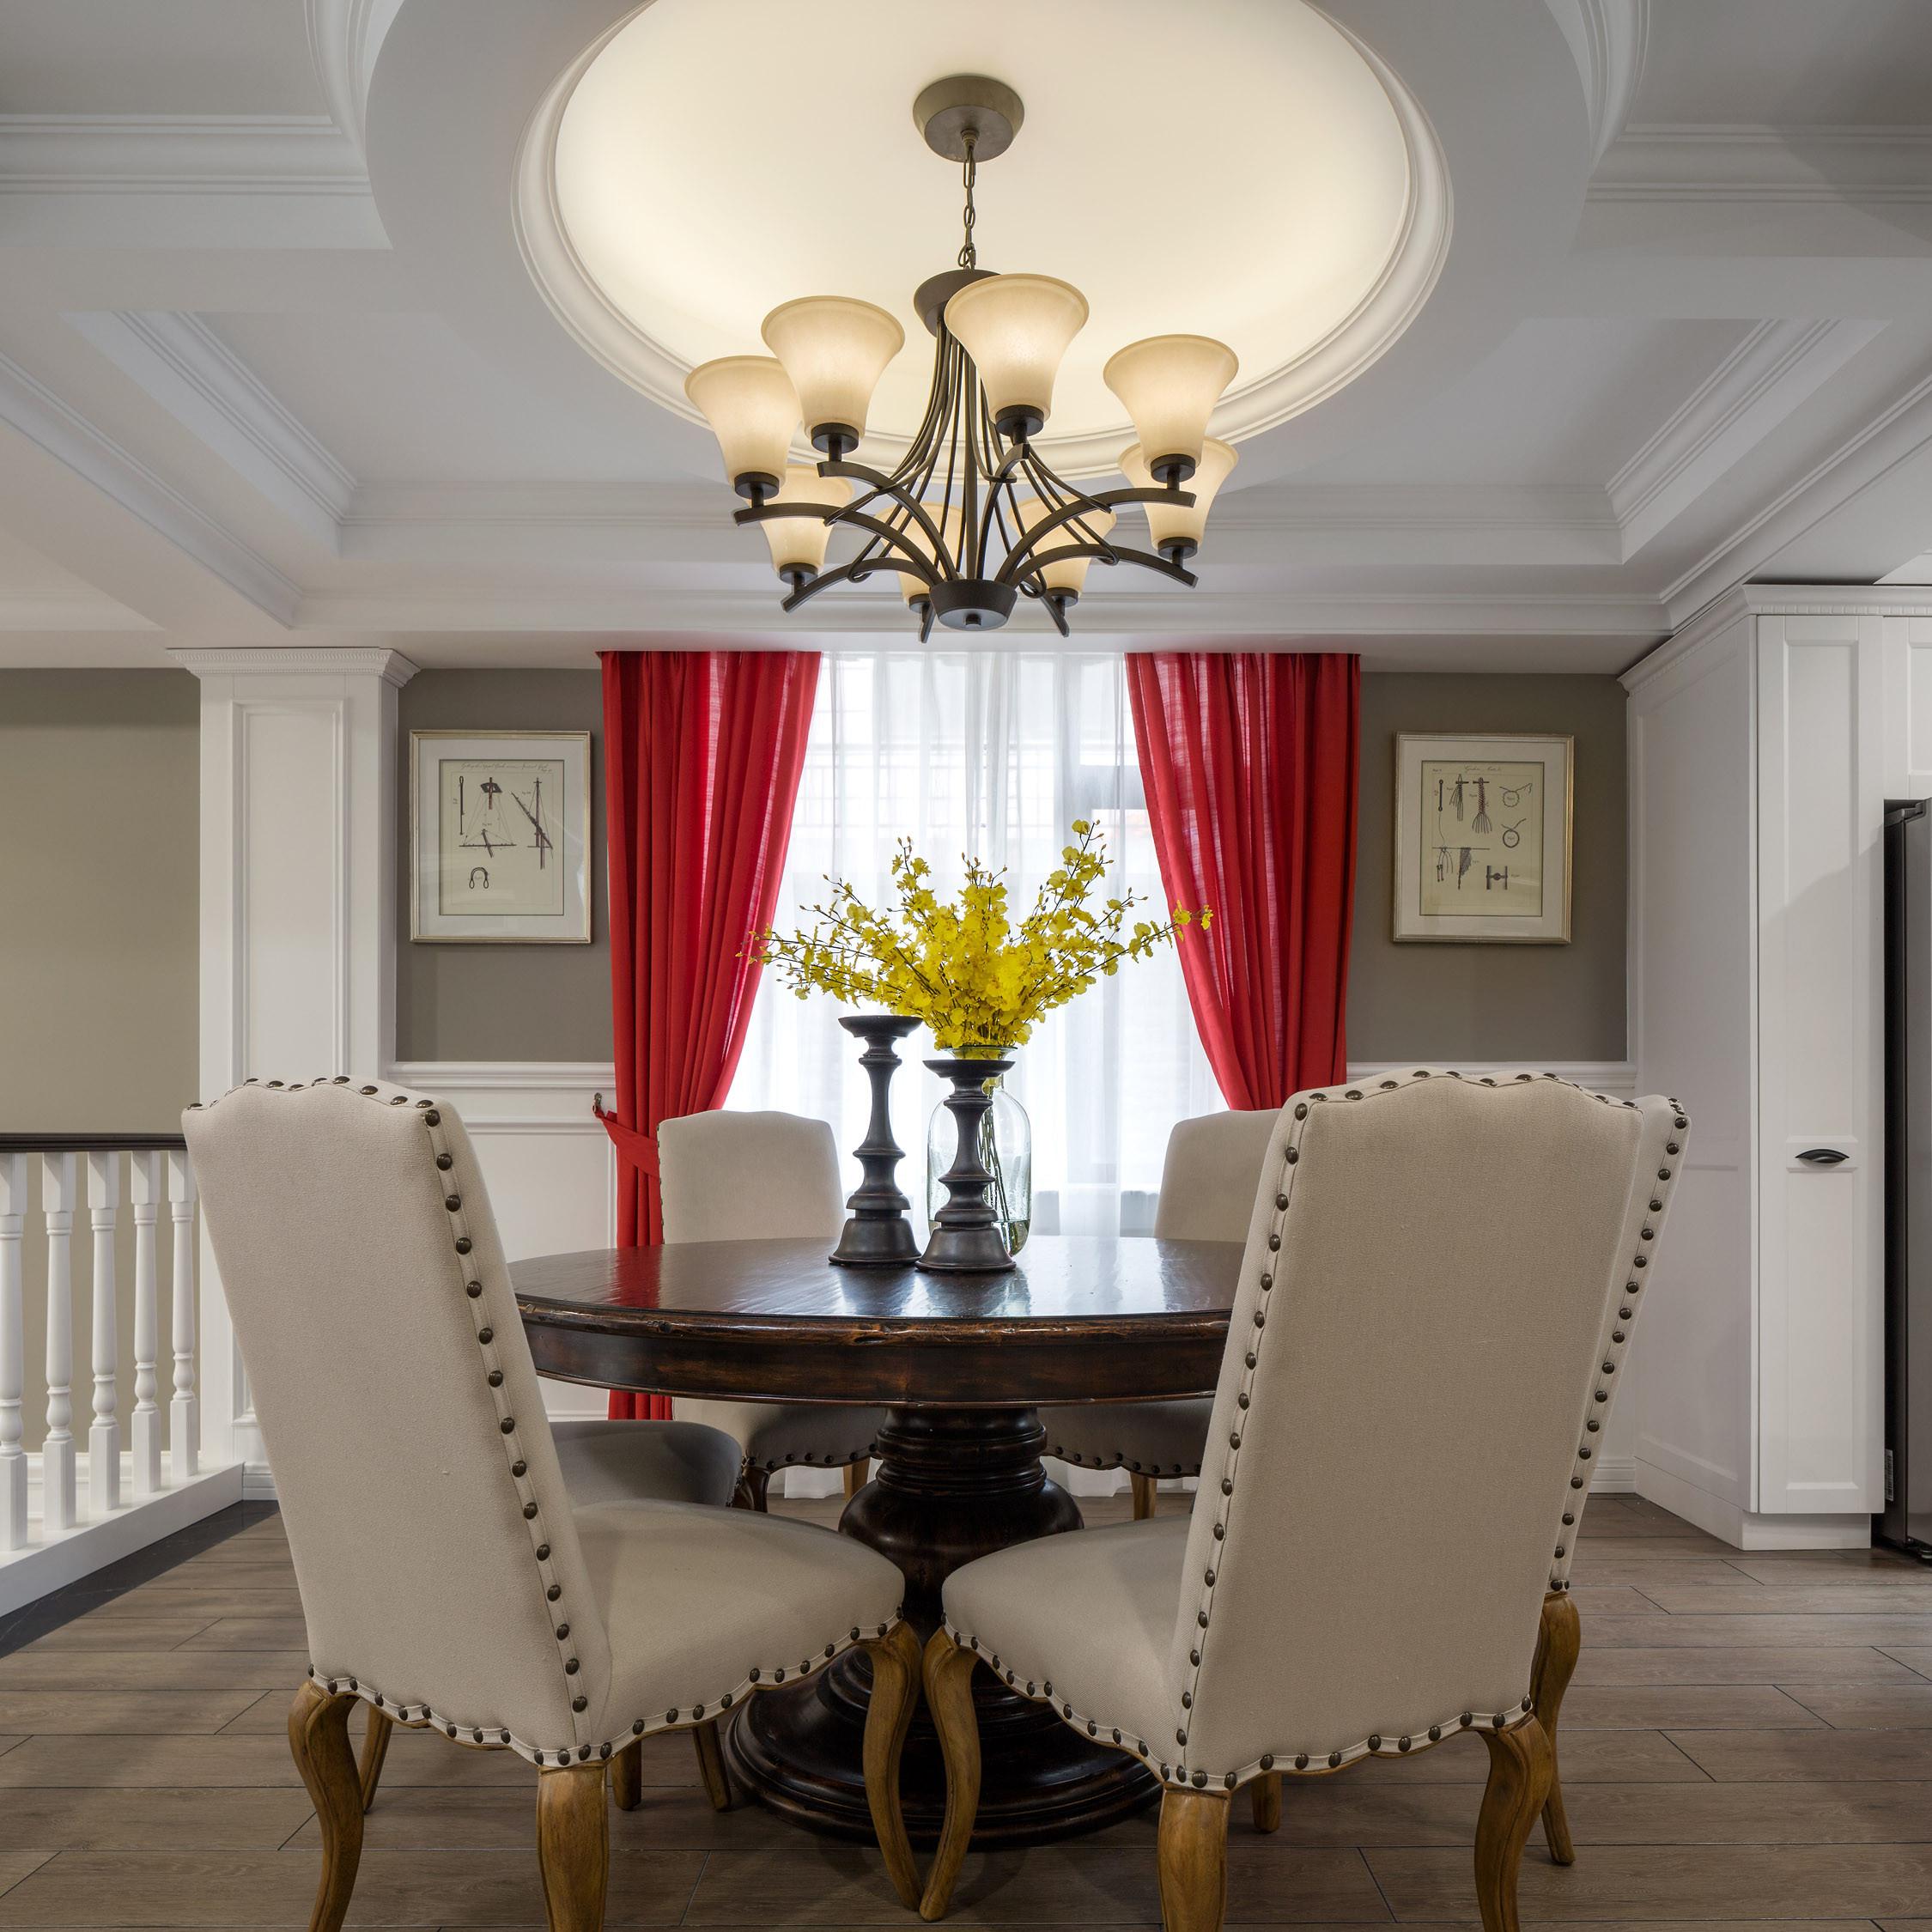 中科大学城 别墅装修 欧美风格 别墅设计师 餐厅图片来自腾龙设计在美式风格别墅装修完工实景的分享